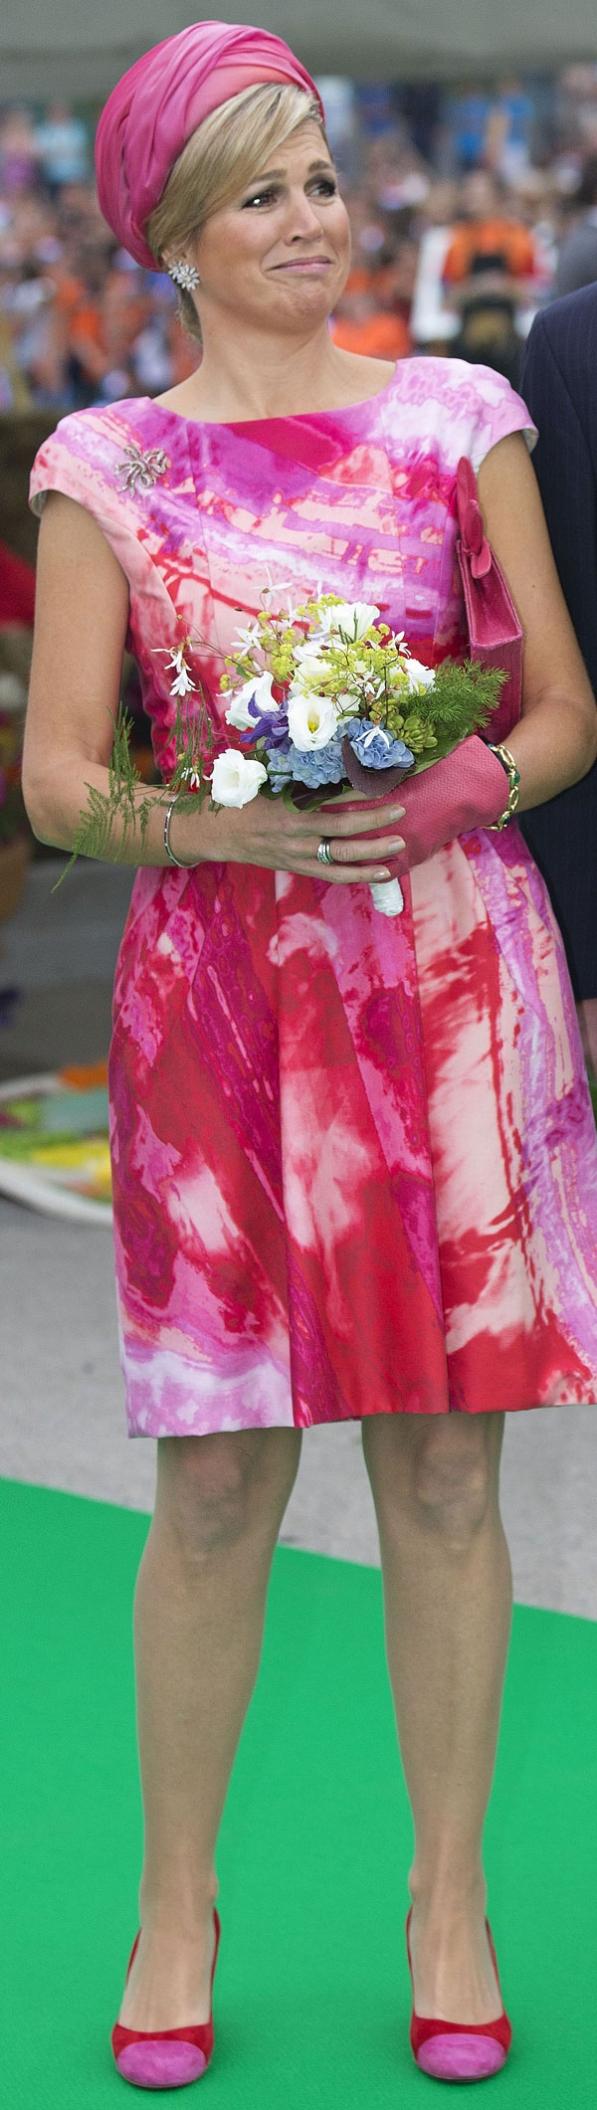 La reina Máxima eligió un vestido estampado en tonos rosas con ...